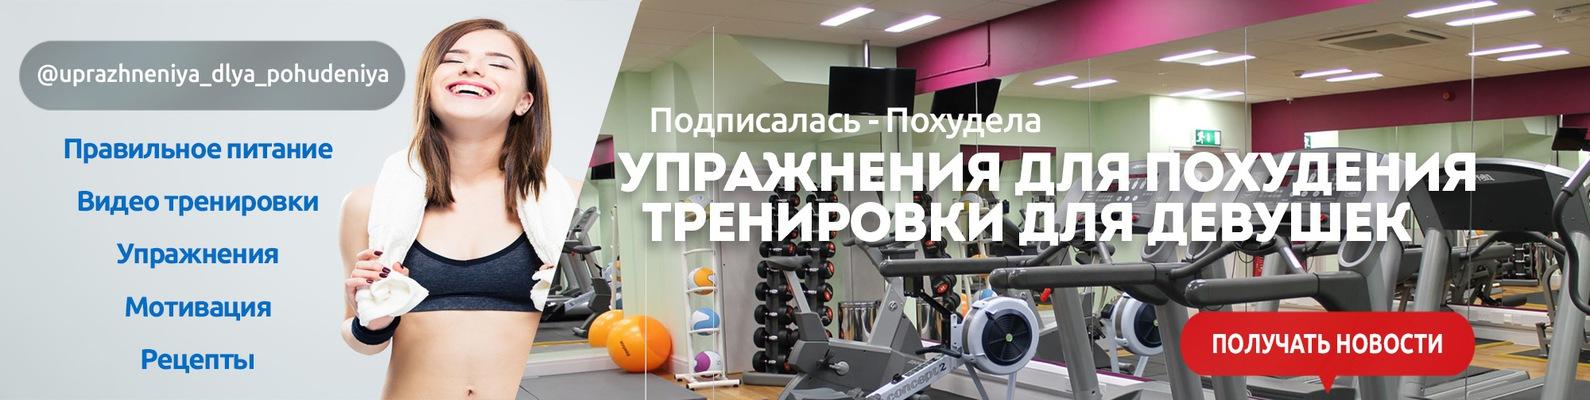 Правильные тренировки для похудения для девушек